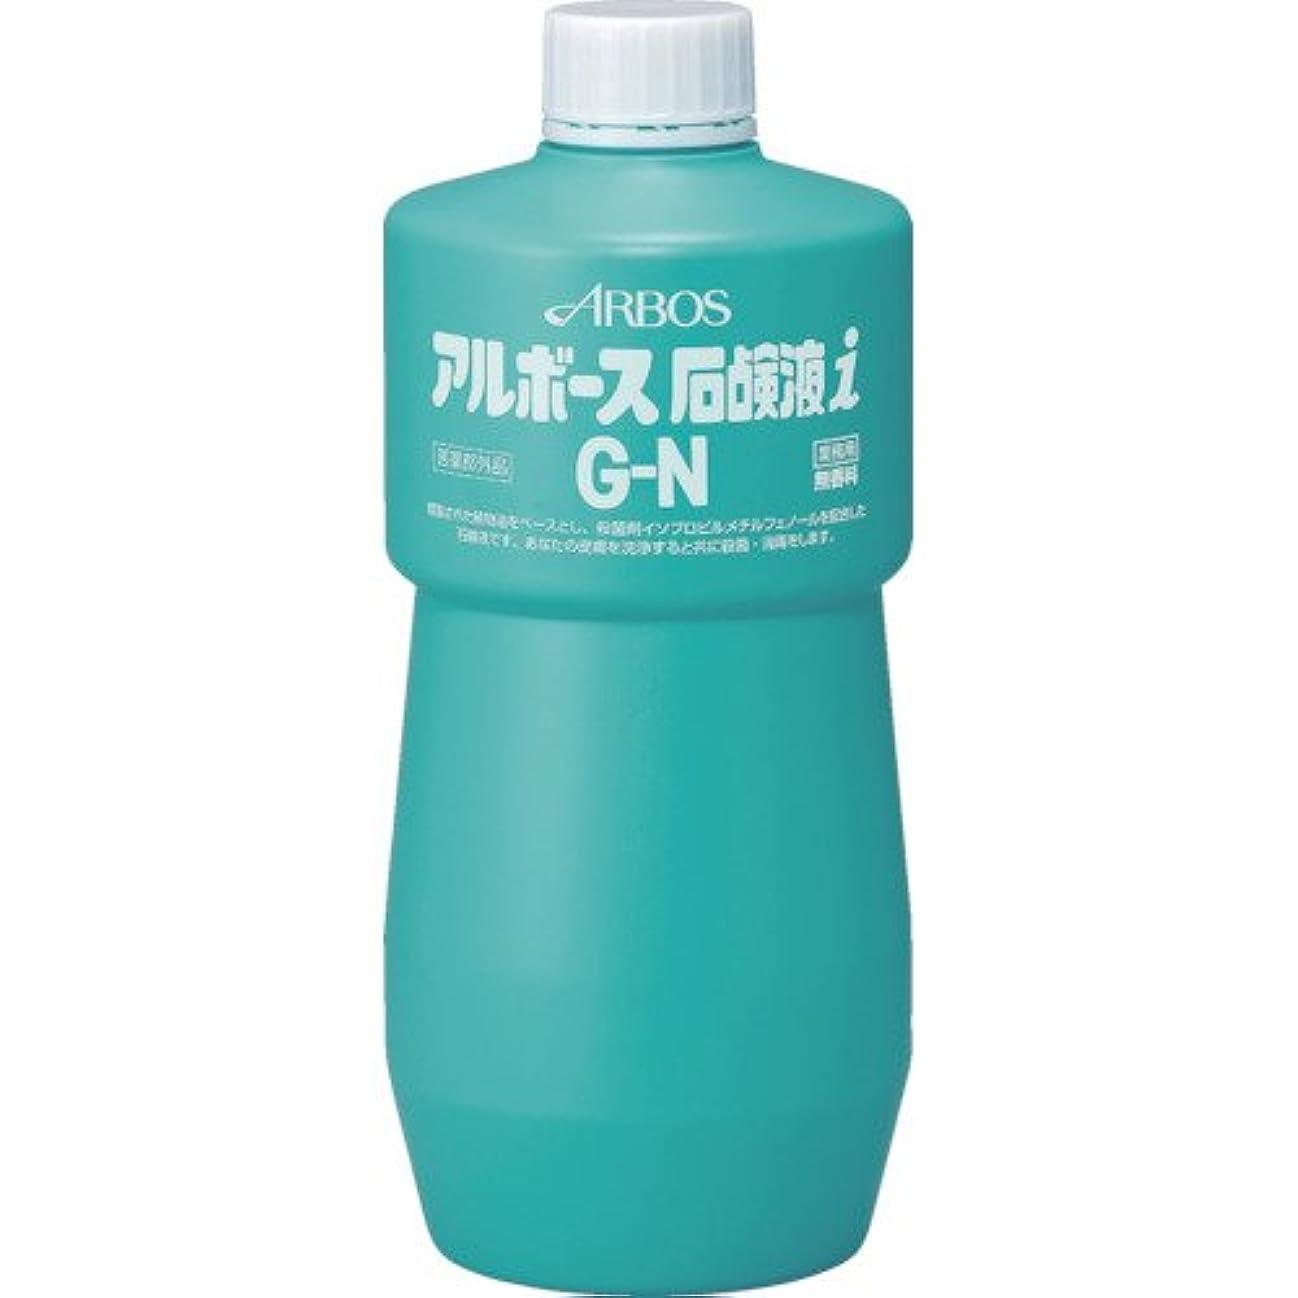 お金明日ビタミンアルボース石鹸液iGN 1G [医薬部外品]